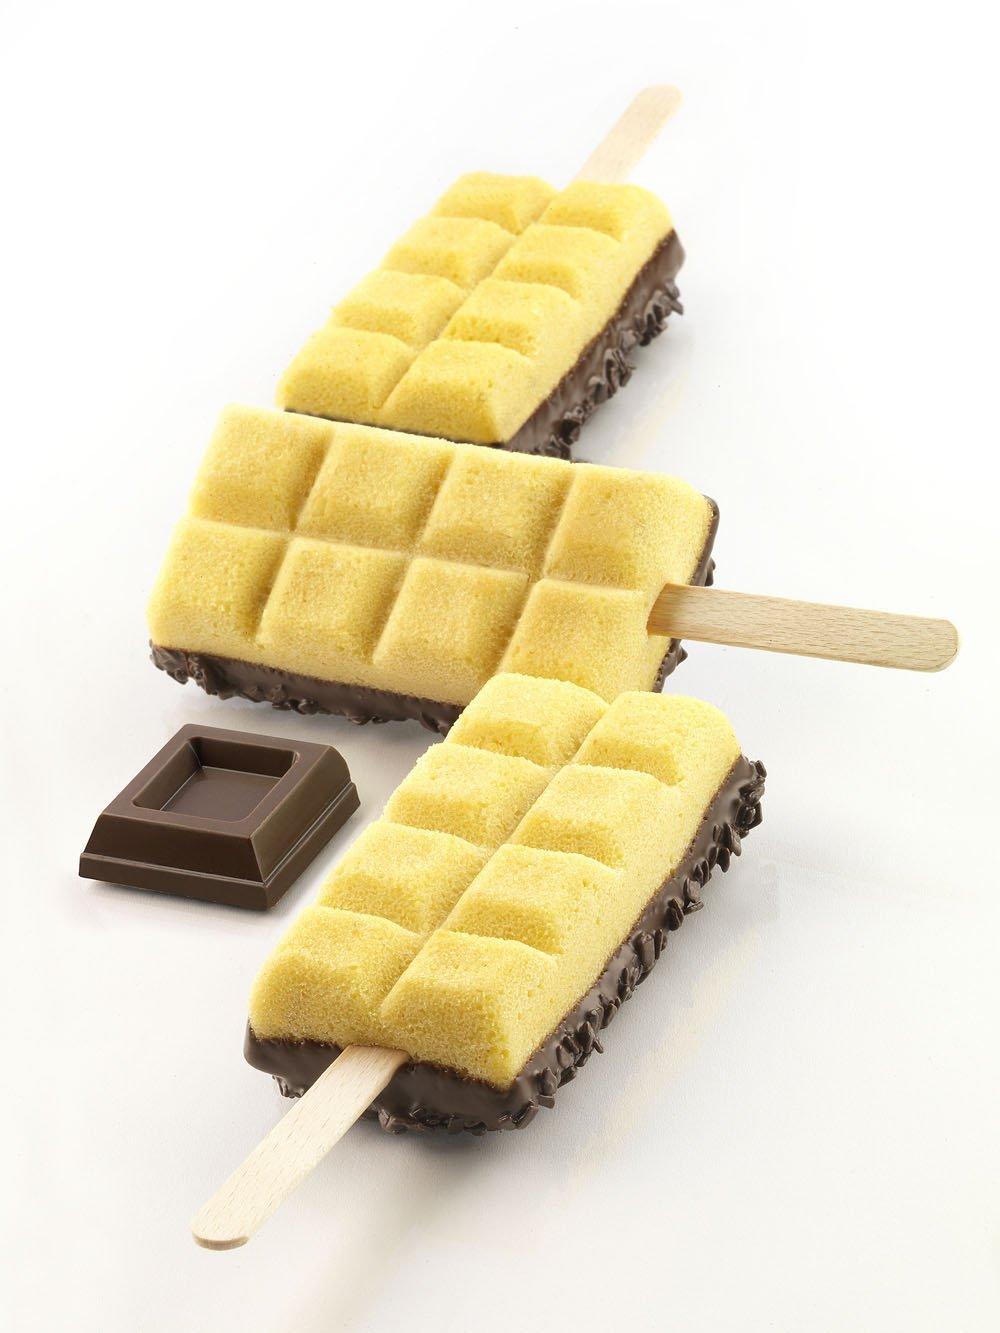 Φόρμα σιλικόνης για παγωτό ξυλάκι Silikomart Chocostick GEL02